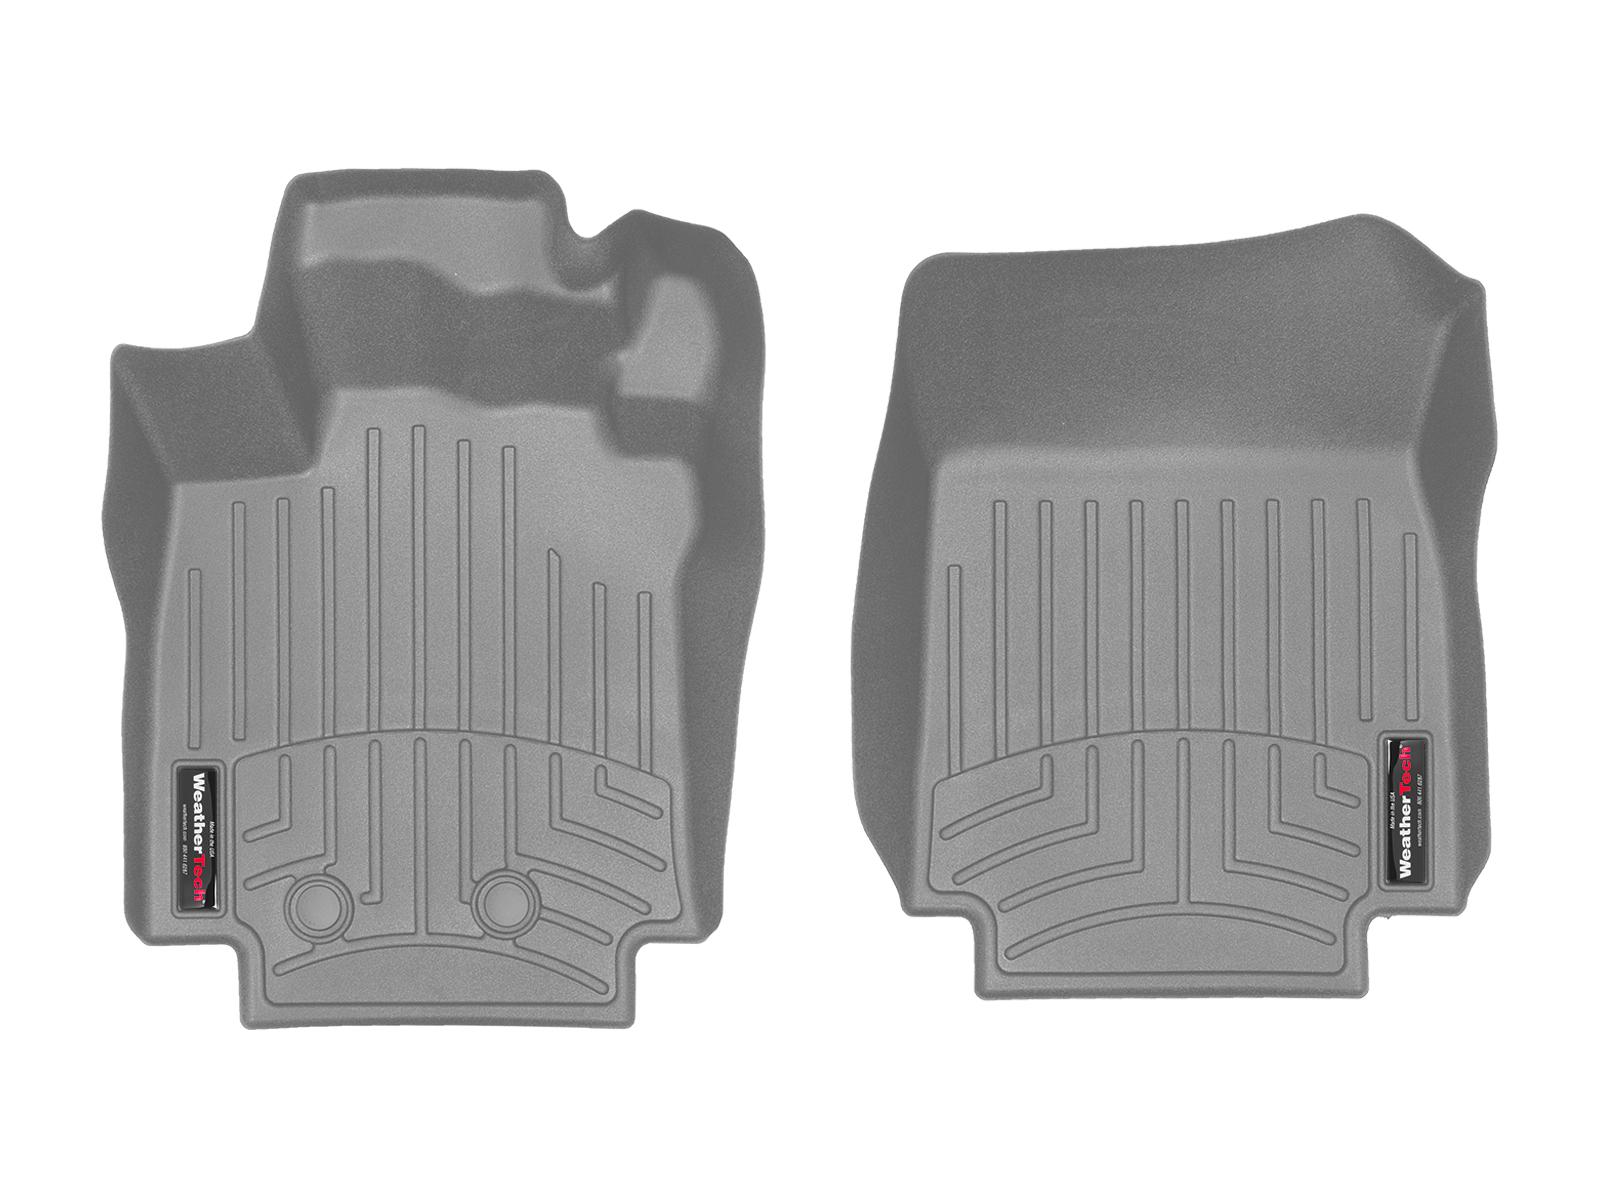 Tappeti gomma su misura bordo alto Renault Clio 06>14 Grigio A3228